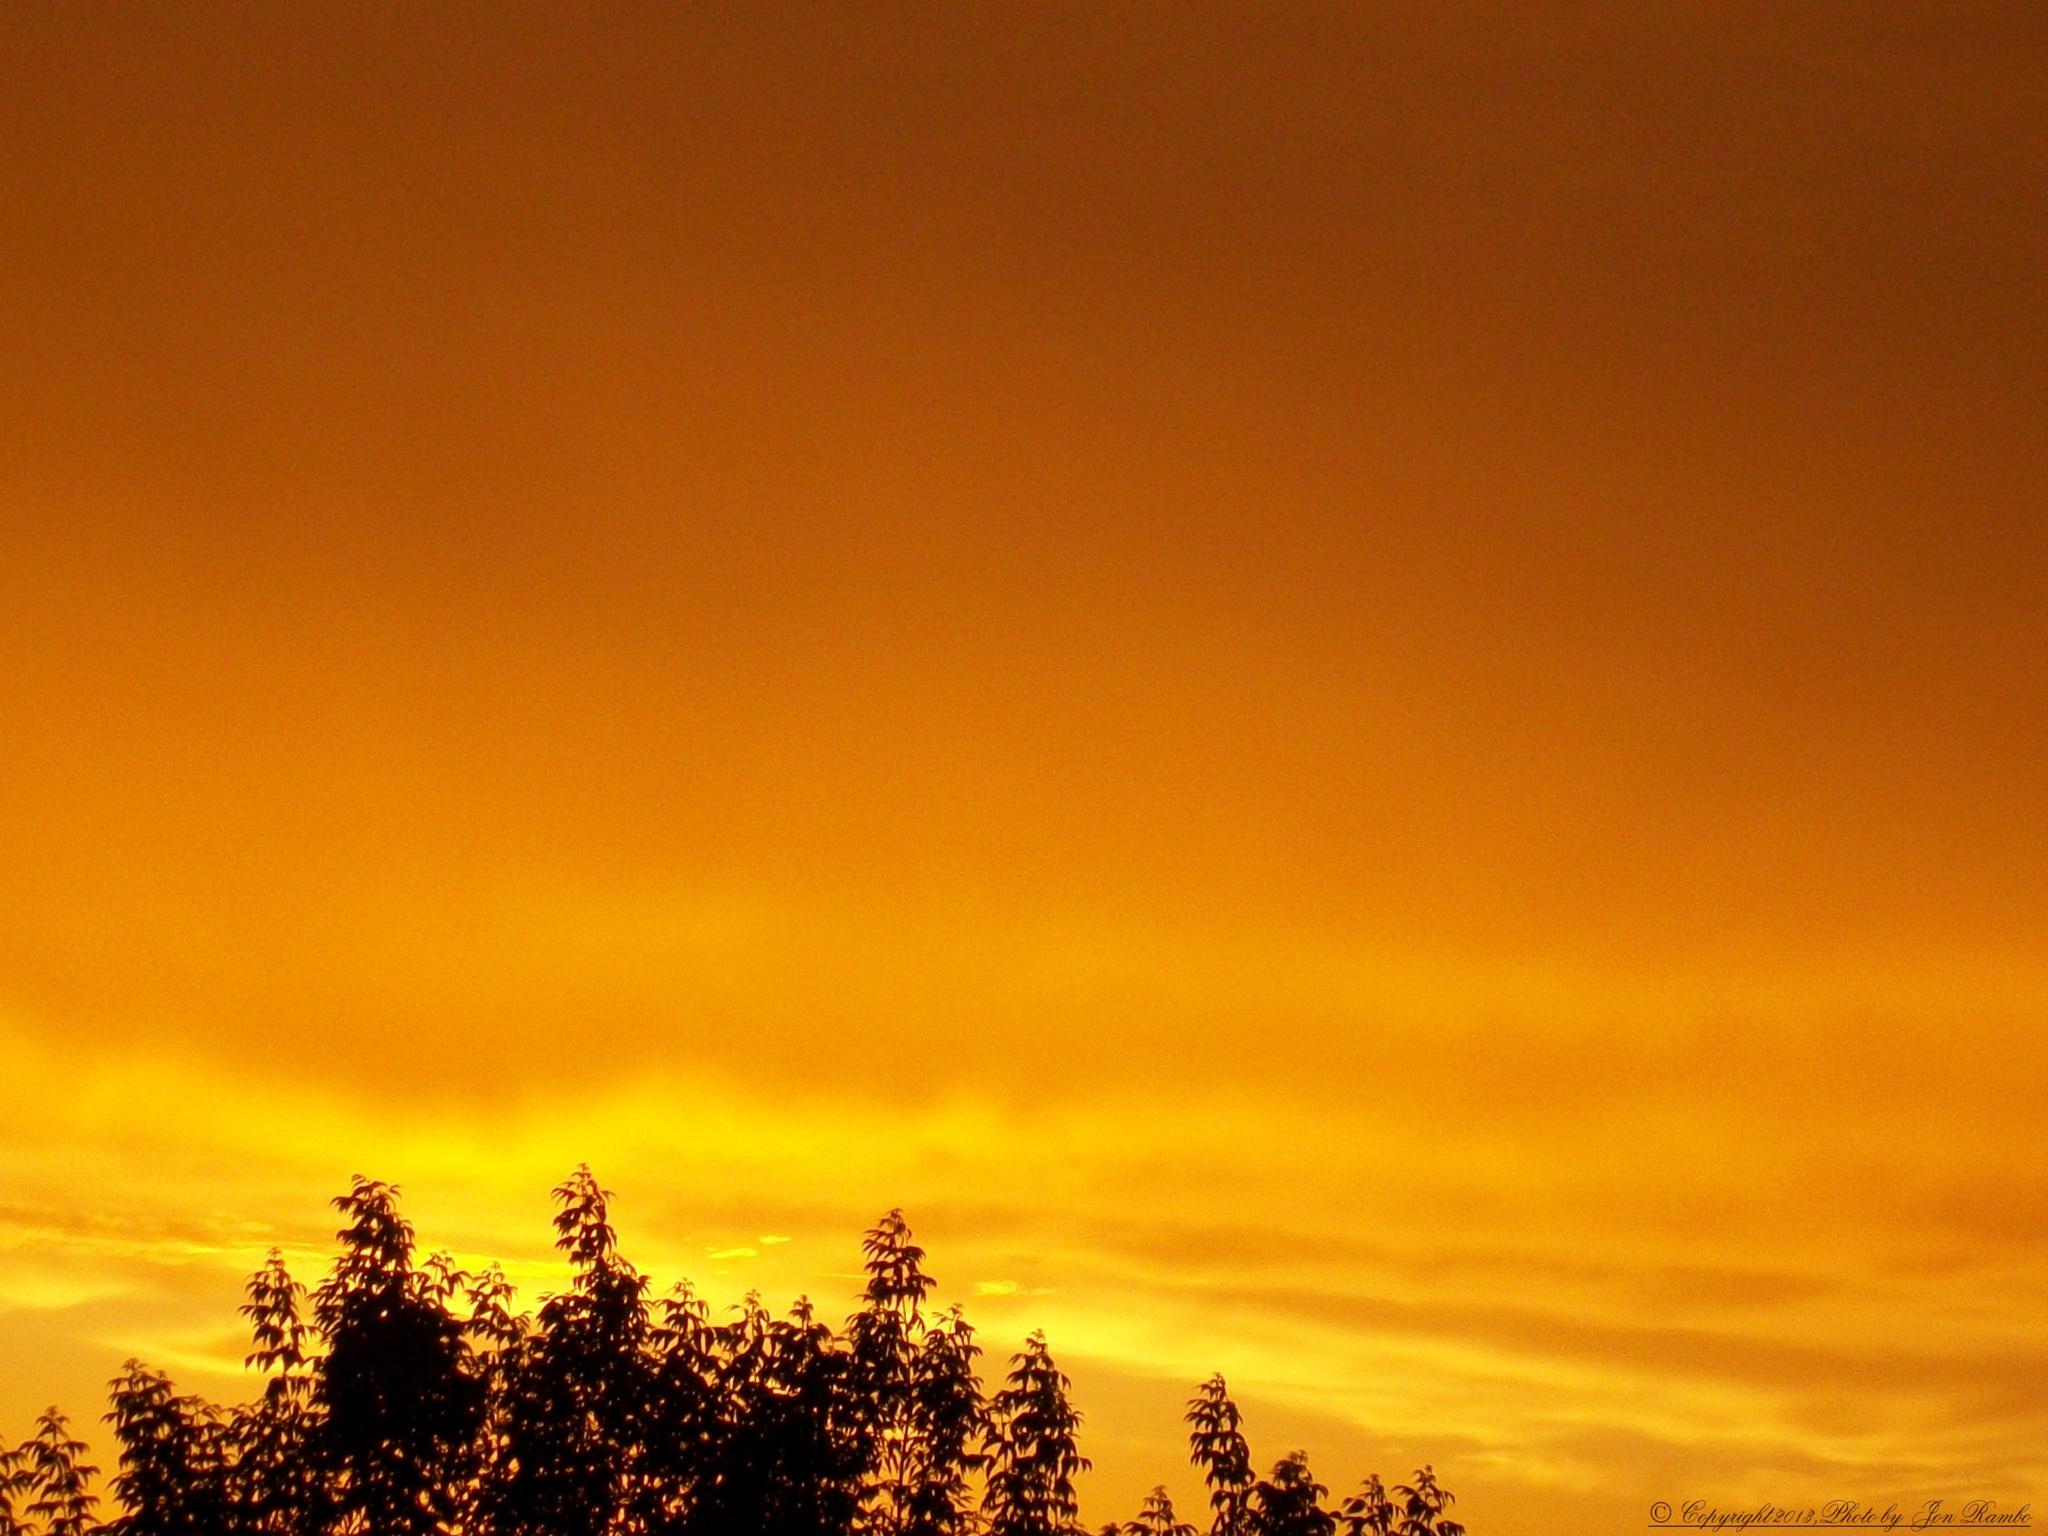 Golden sunset. by jon.rambo.37819